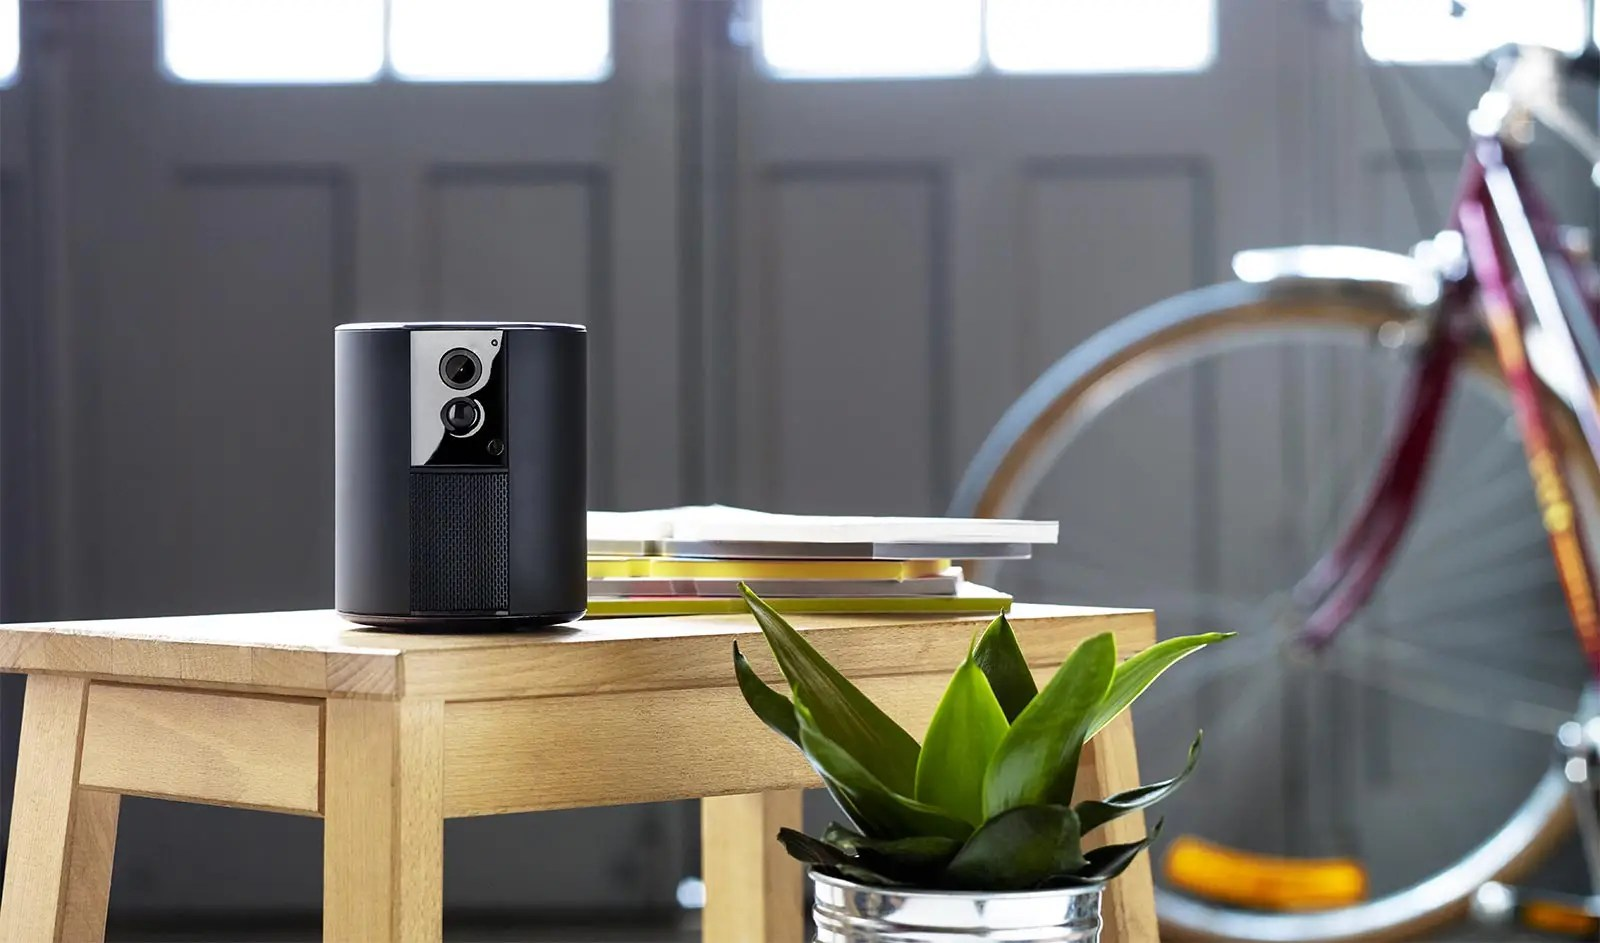 Woonnieuws | Wat is het beleid van privacy met een beveiligingscamera? | Woonblog StijlvolStyling.com by SBZ Interieur Design (Beeld: Somfy)